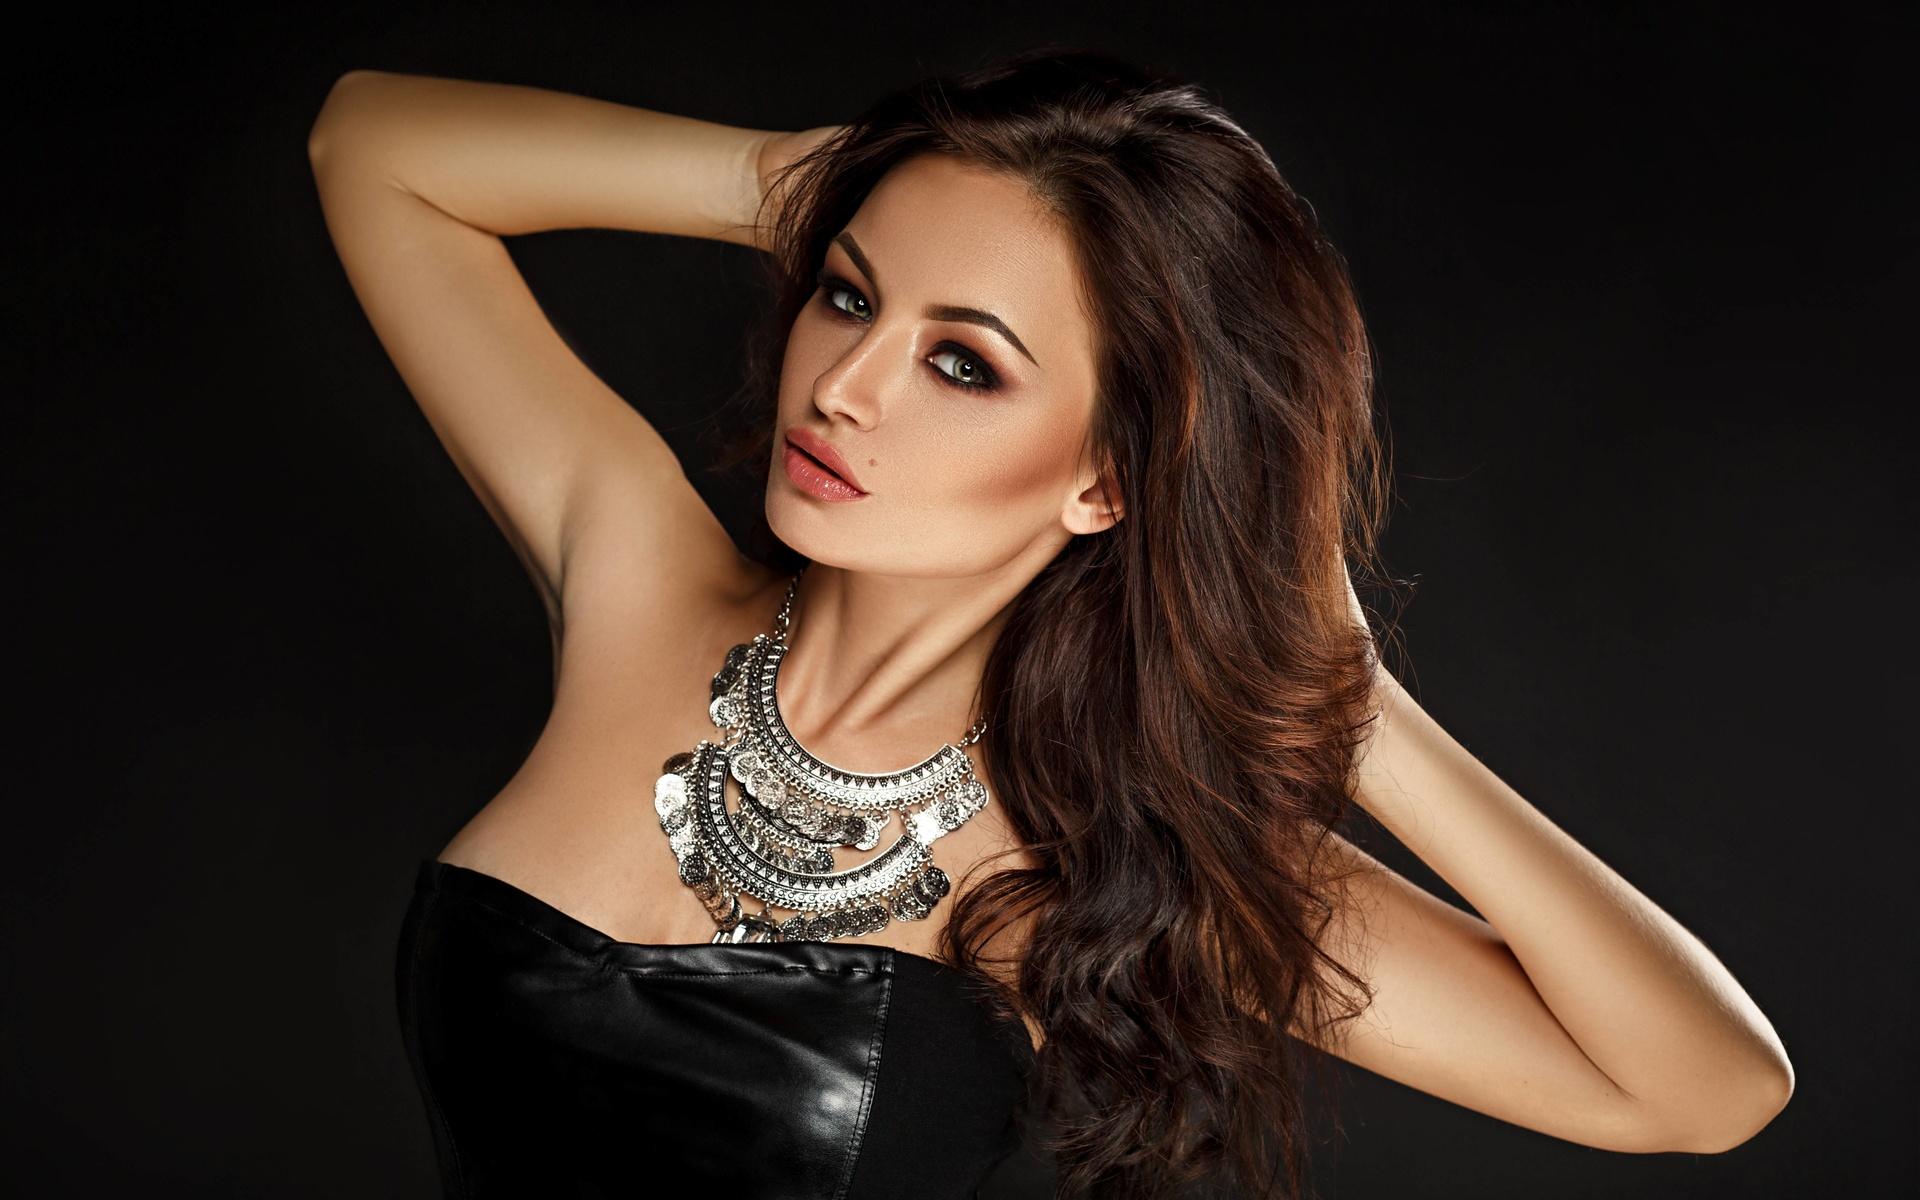 девушка, портрет, взгляд, модель, волосы, лицо, olivia pratt, dj olivia pratt, girl, portrait, look, model